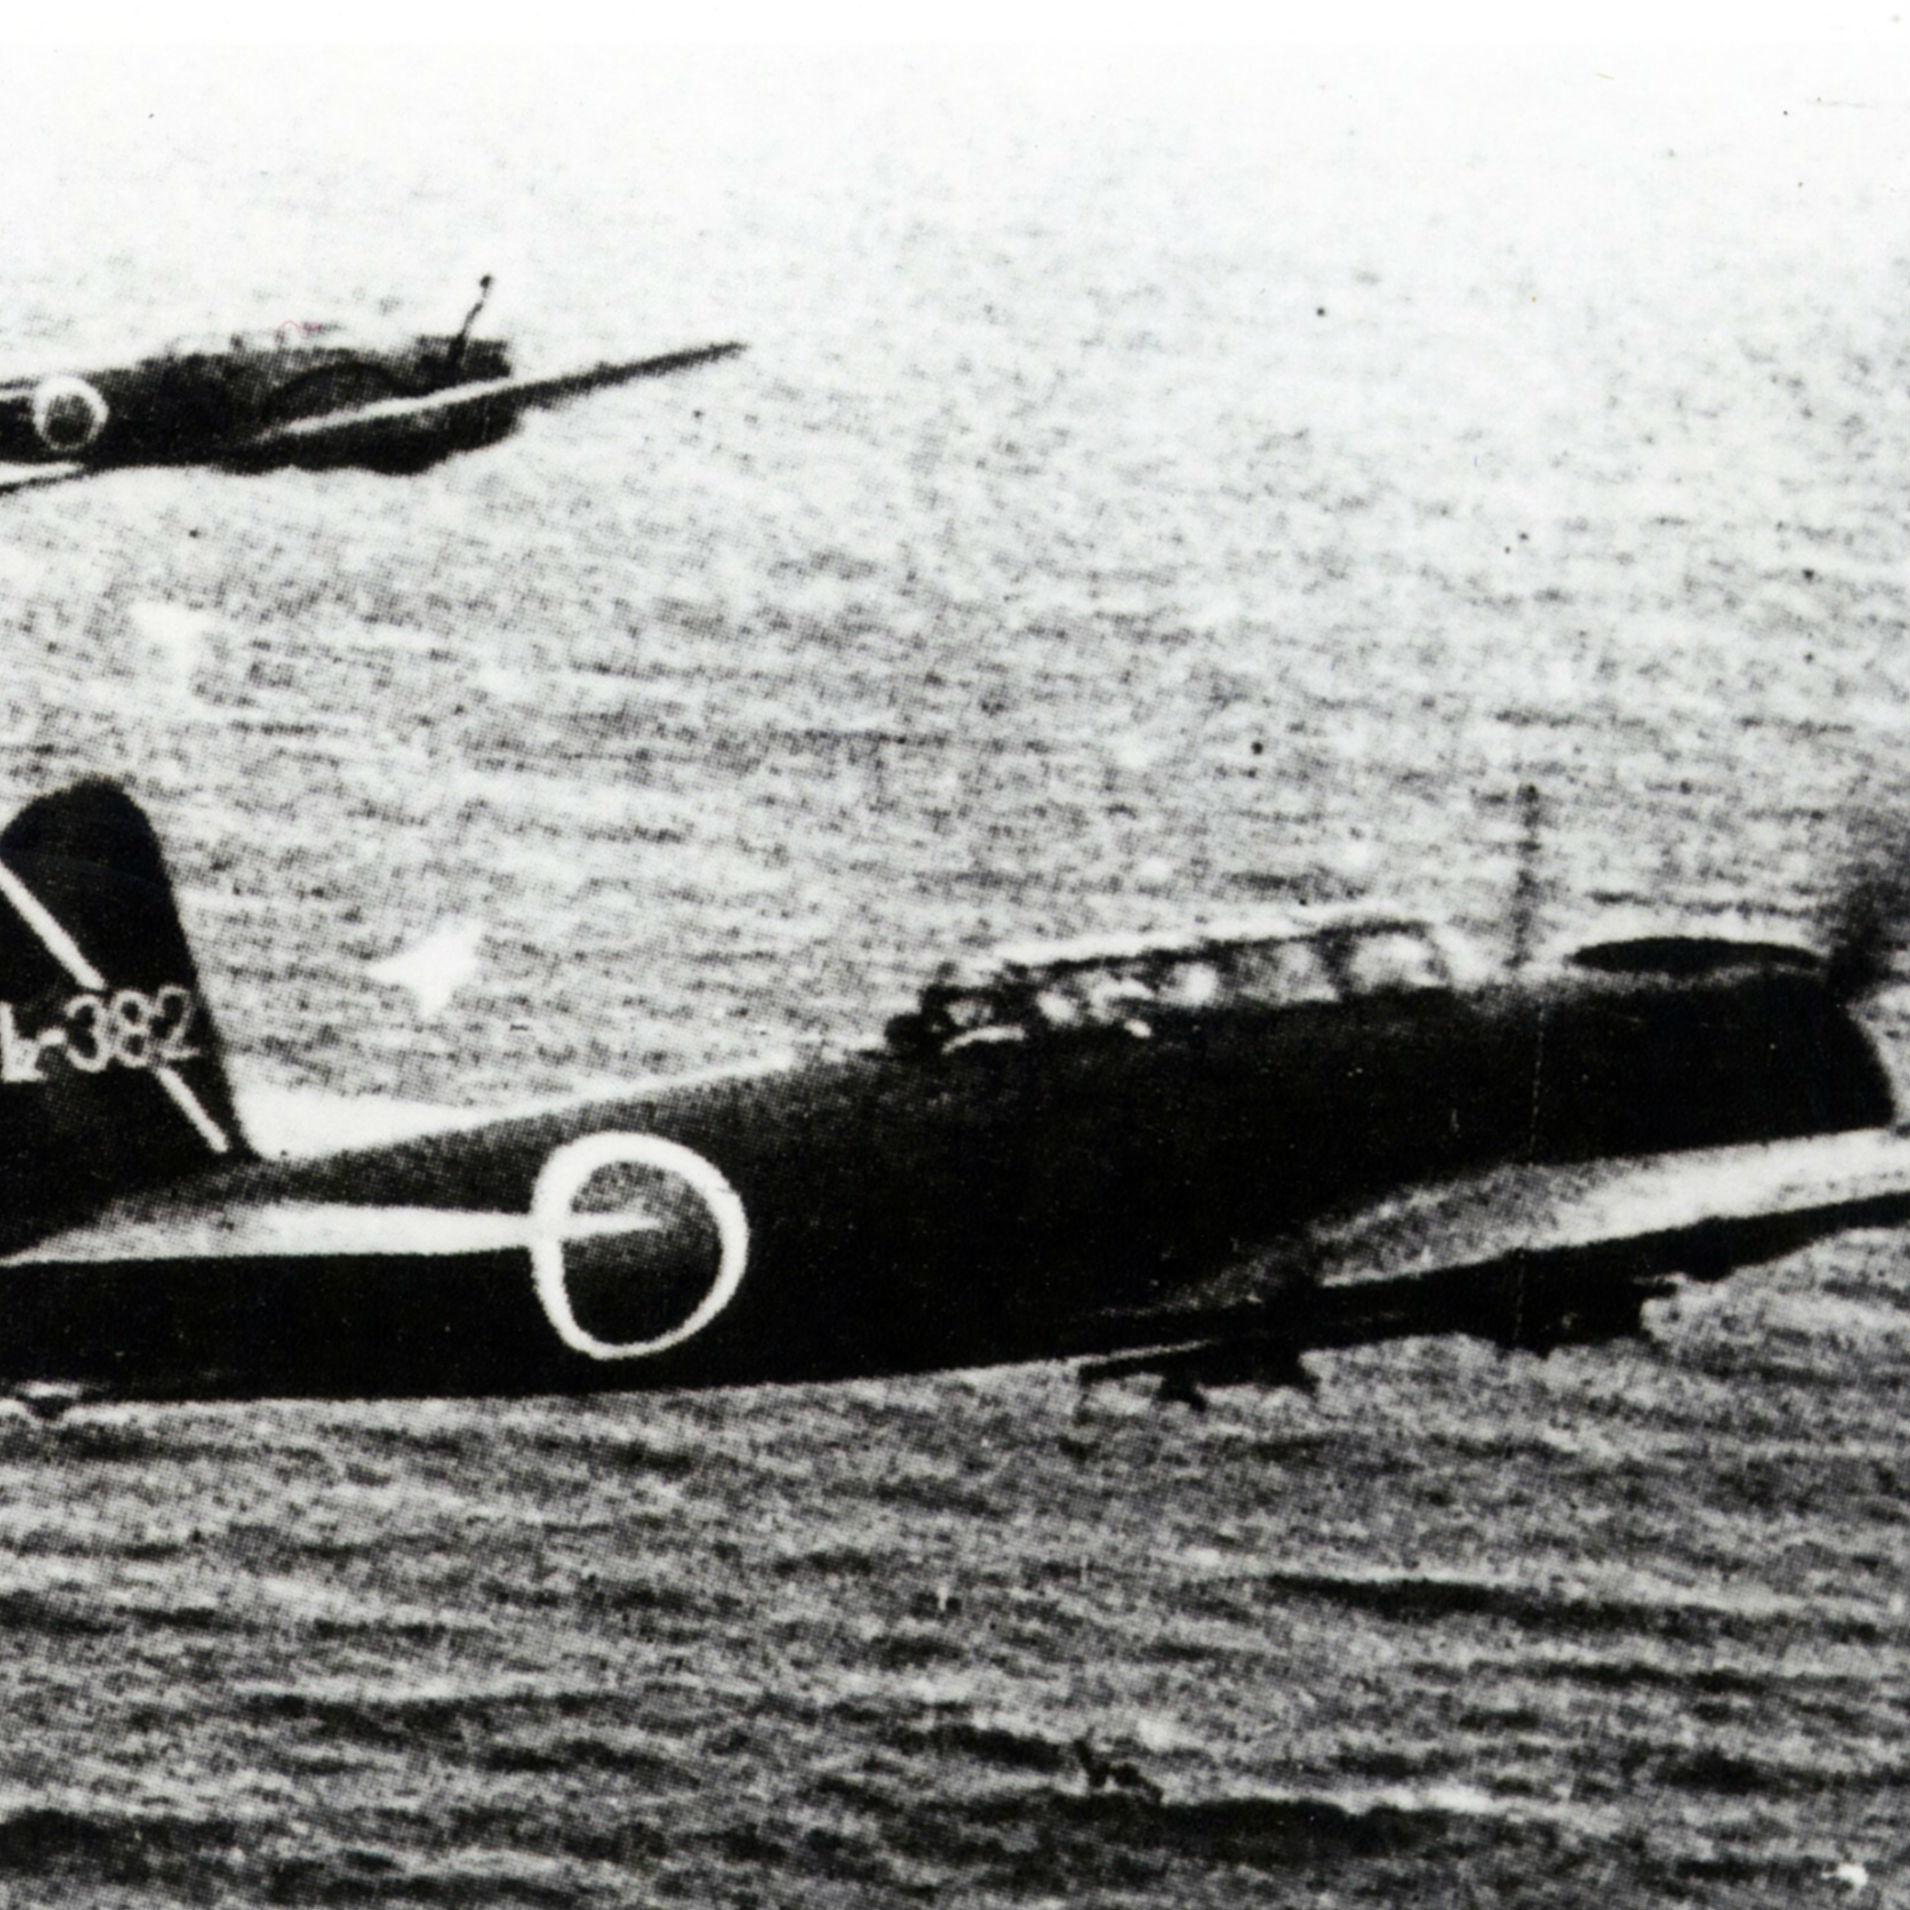 ミッドウェーでは主力空母4隻の損失とともに、優秀な搭乗員の損失がダメージに<br />